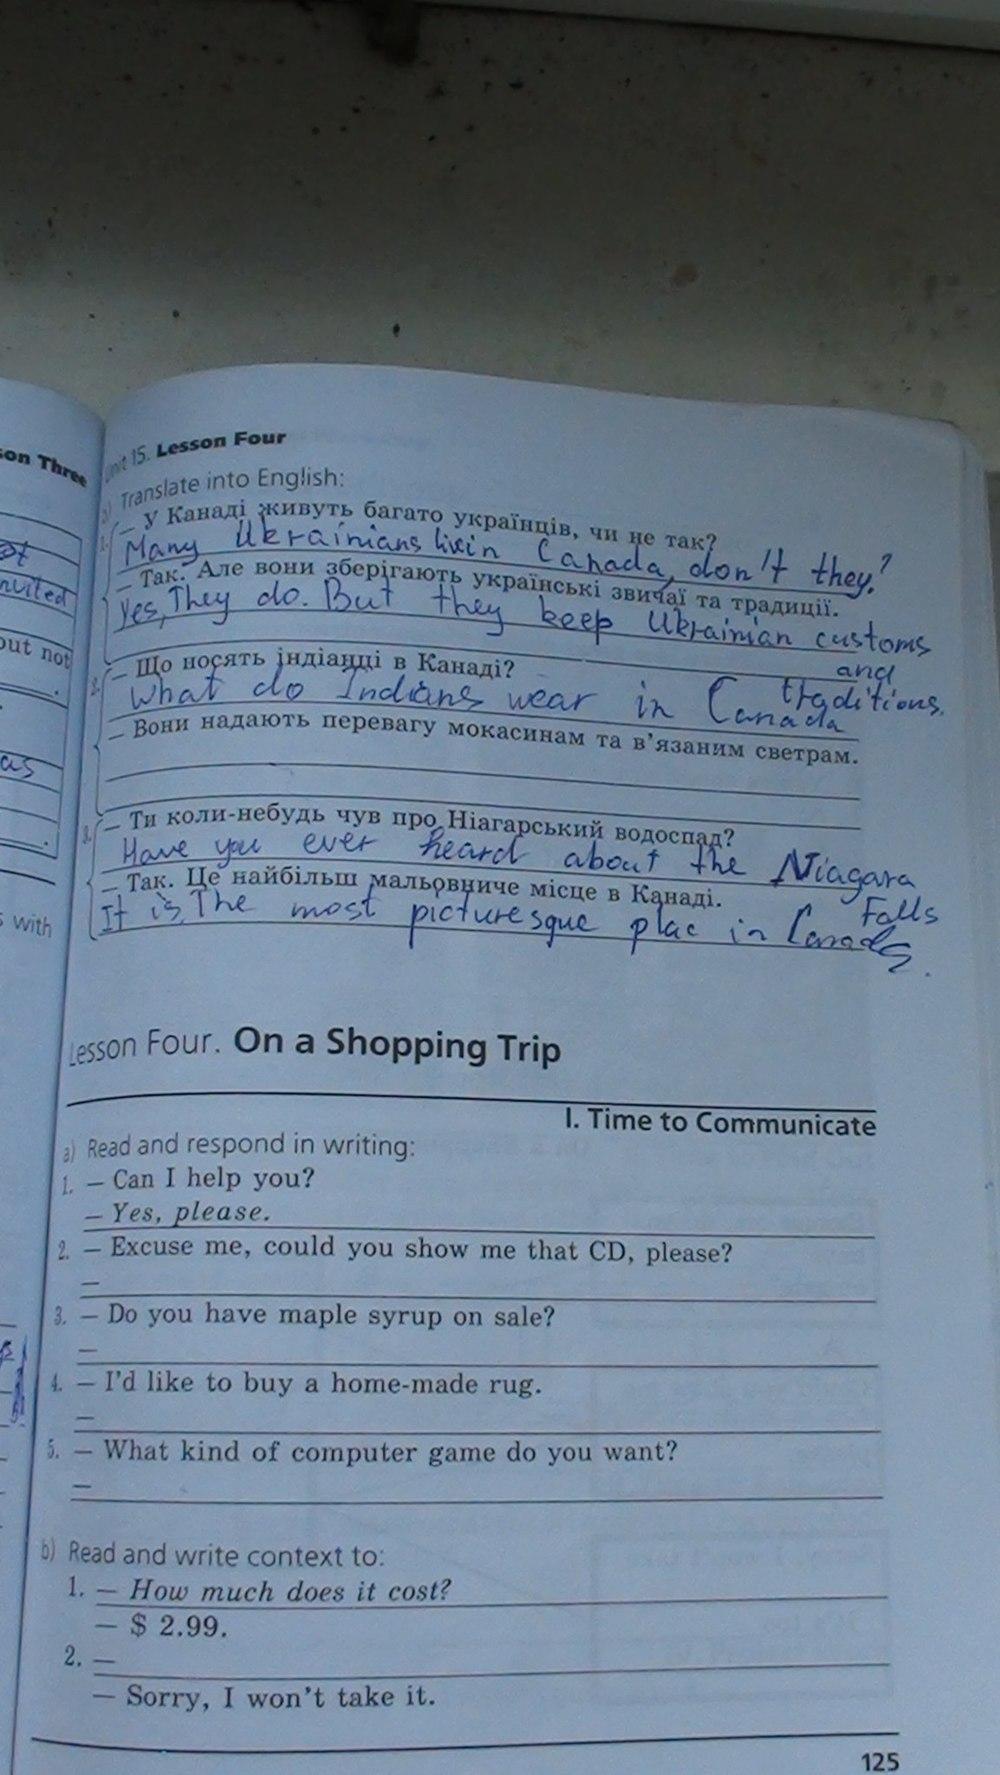 Гдз 9 клас англійська мова робочий зошит відповіді